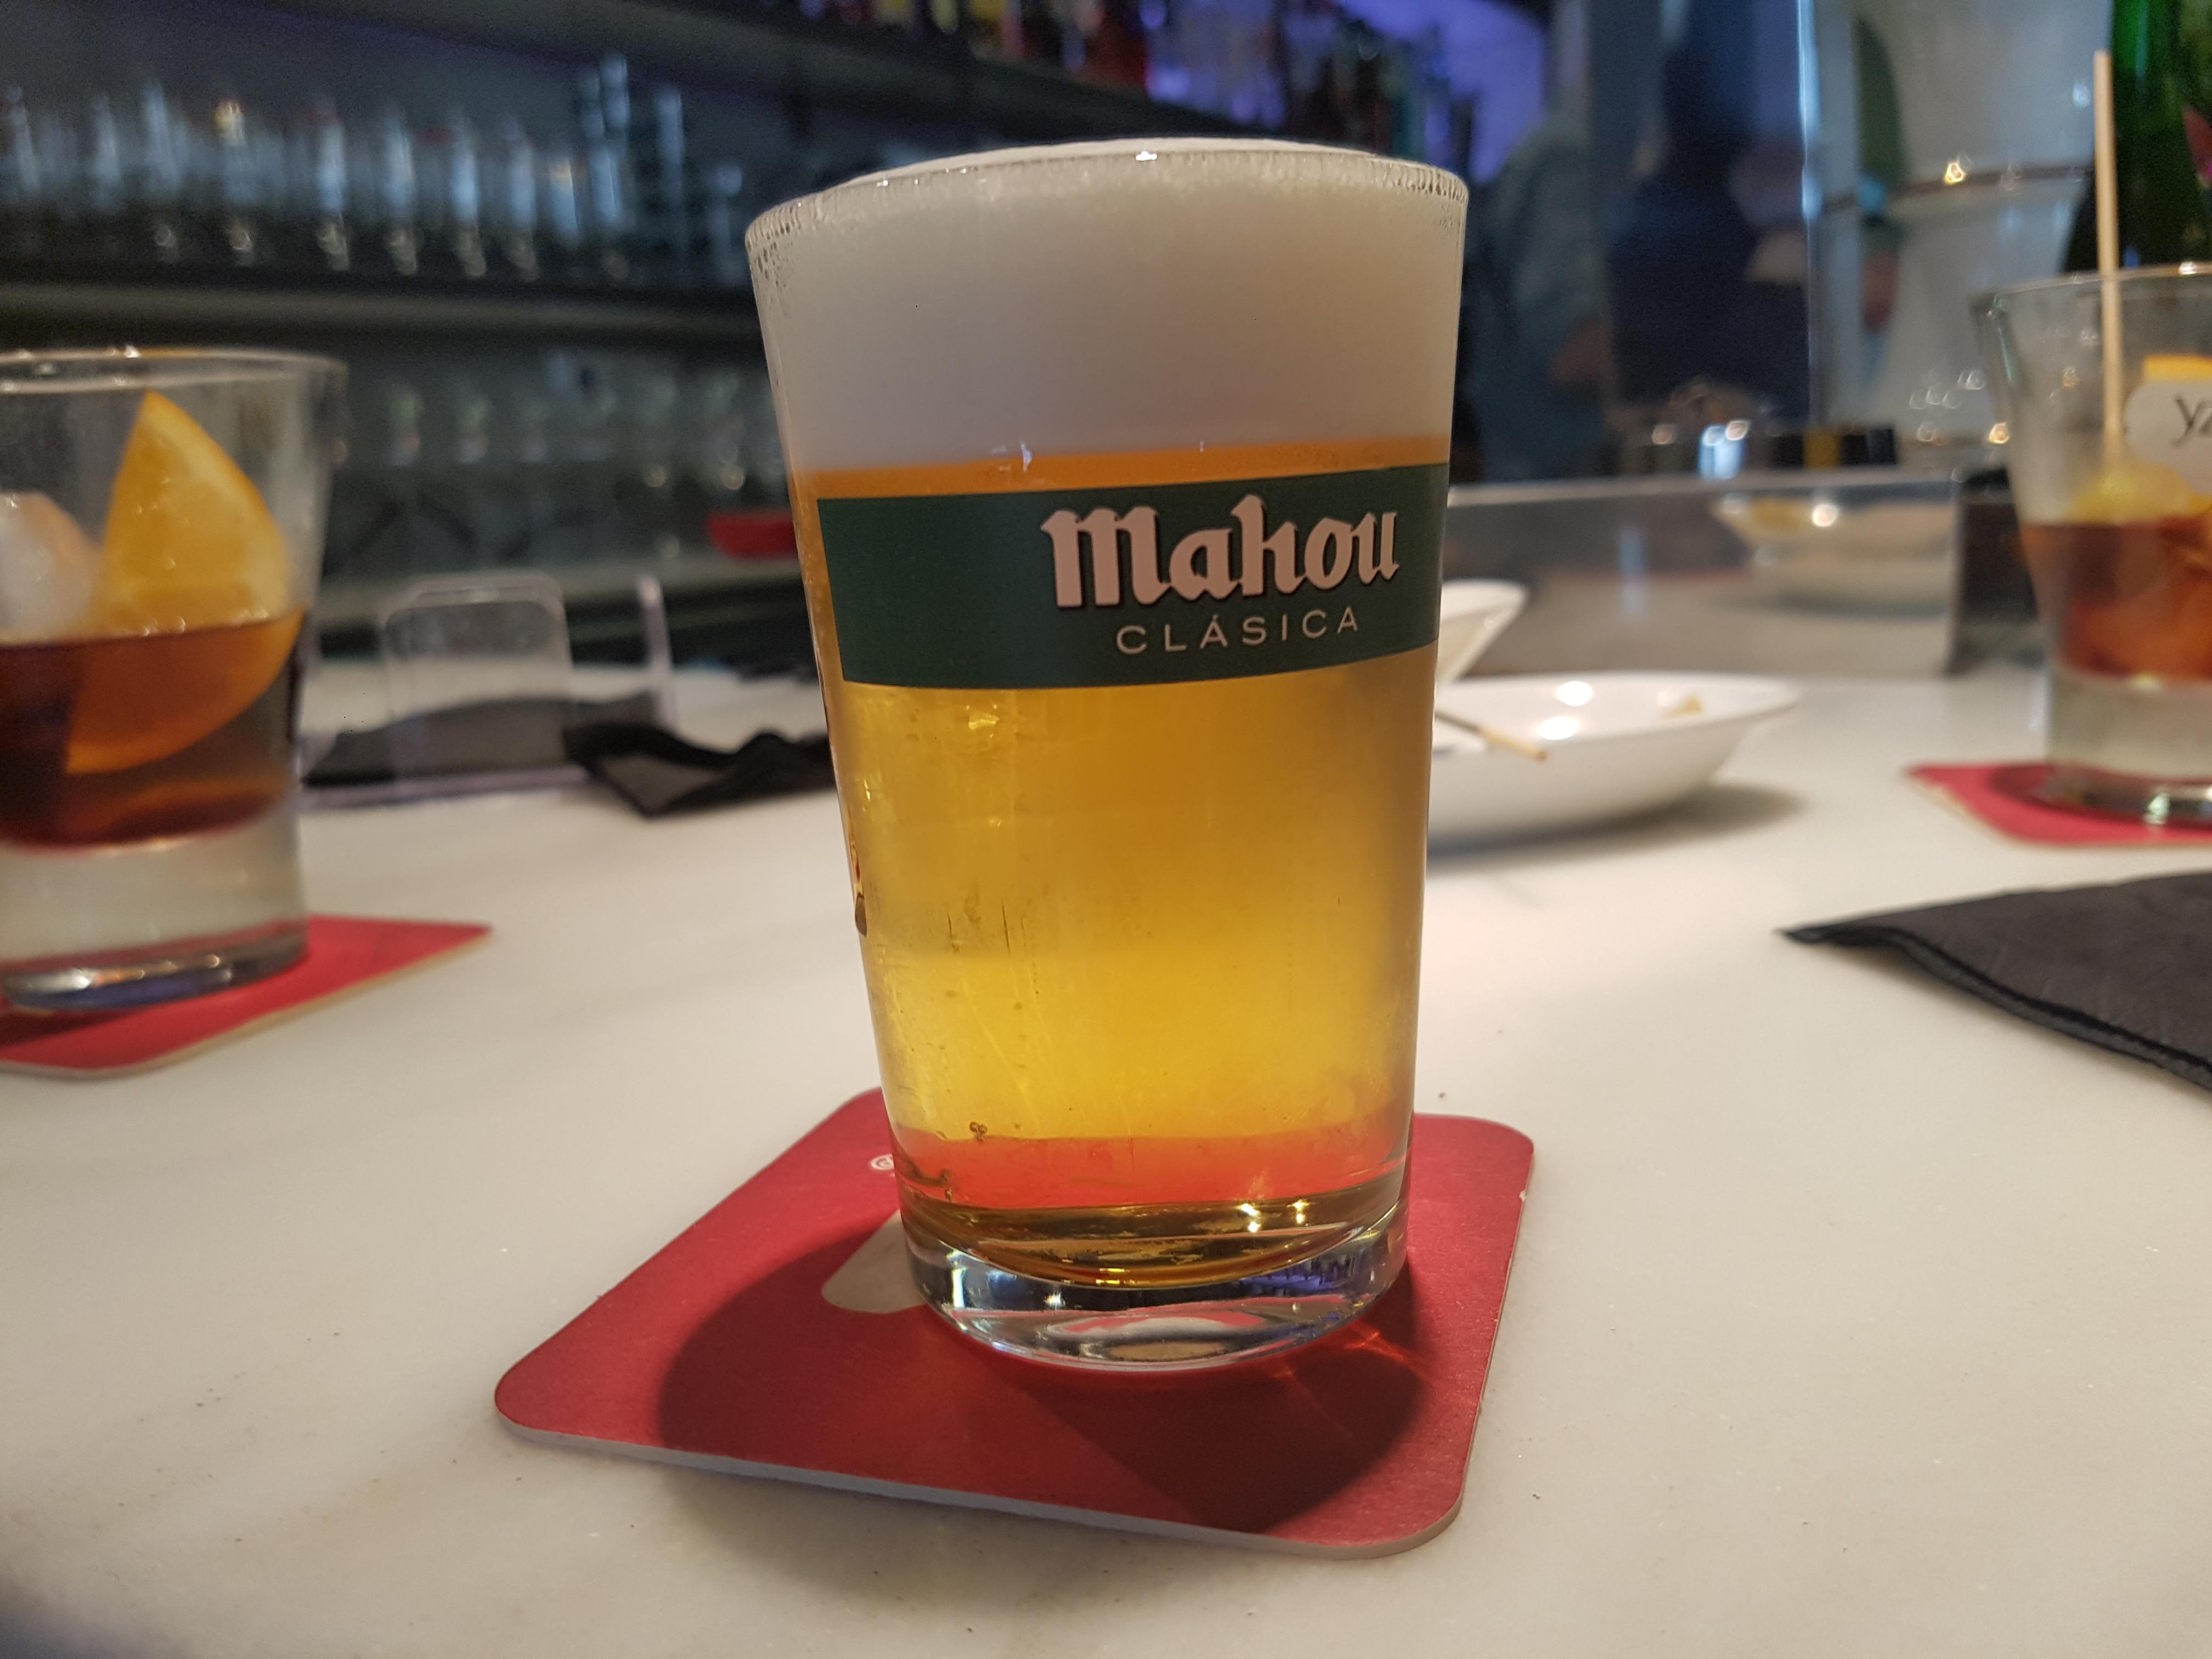 ¿Verdad o falso? La cerveza es buena para la lactancia